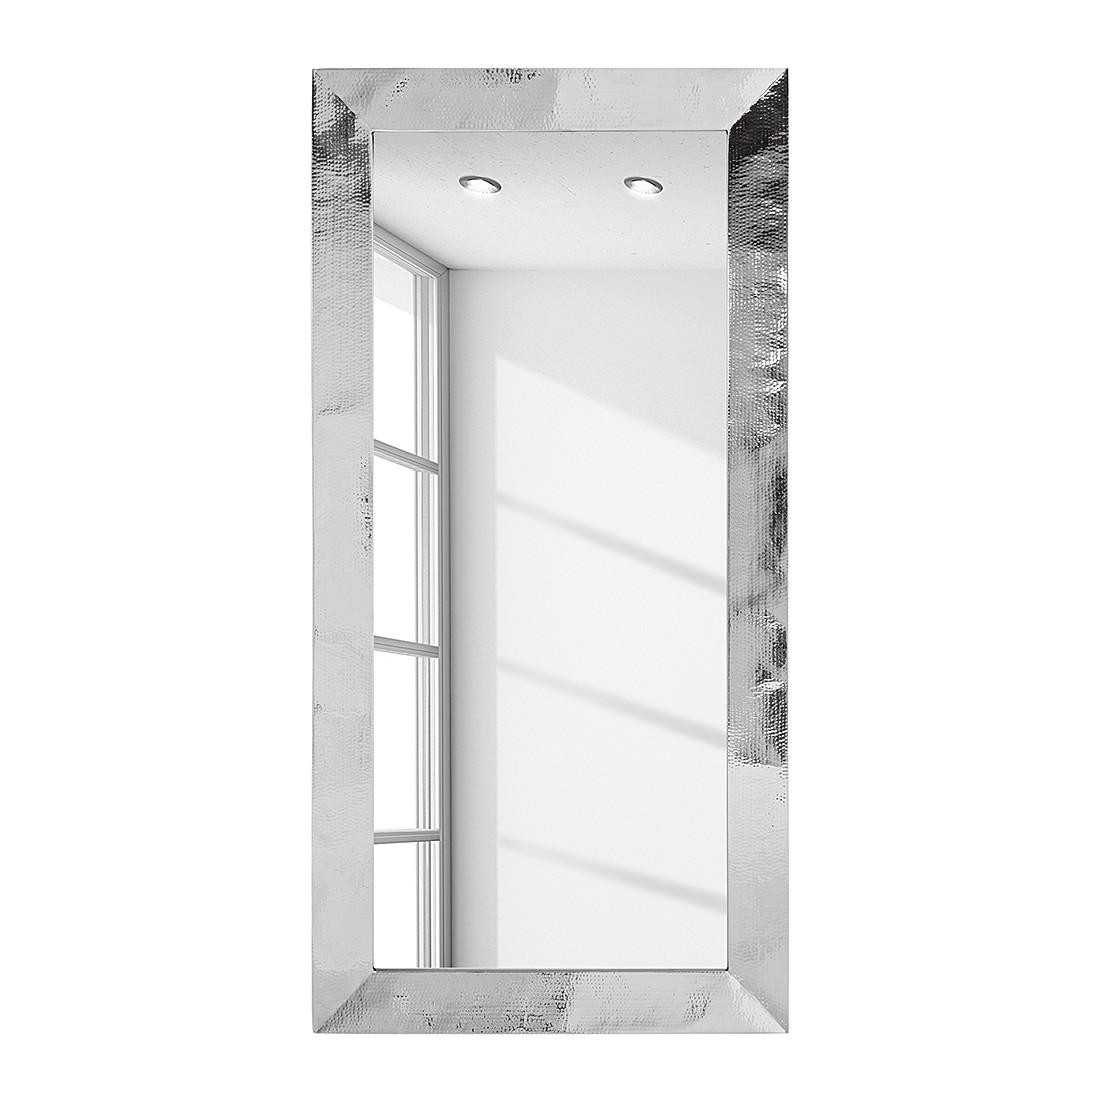 Spiegel Hammered – 100 x 200 cm, Kare Design günstig